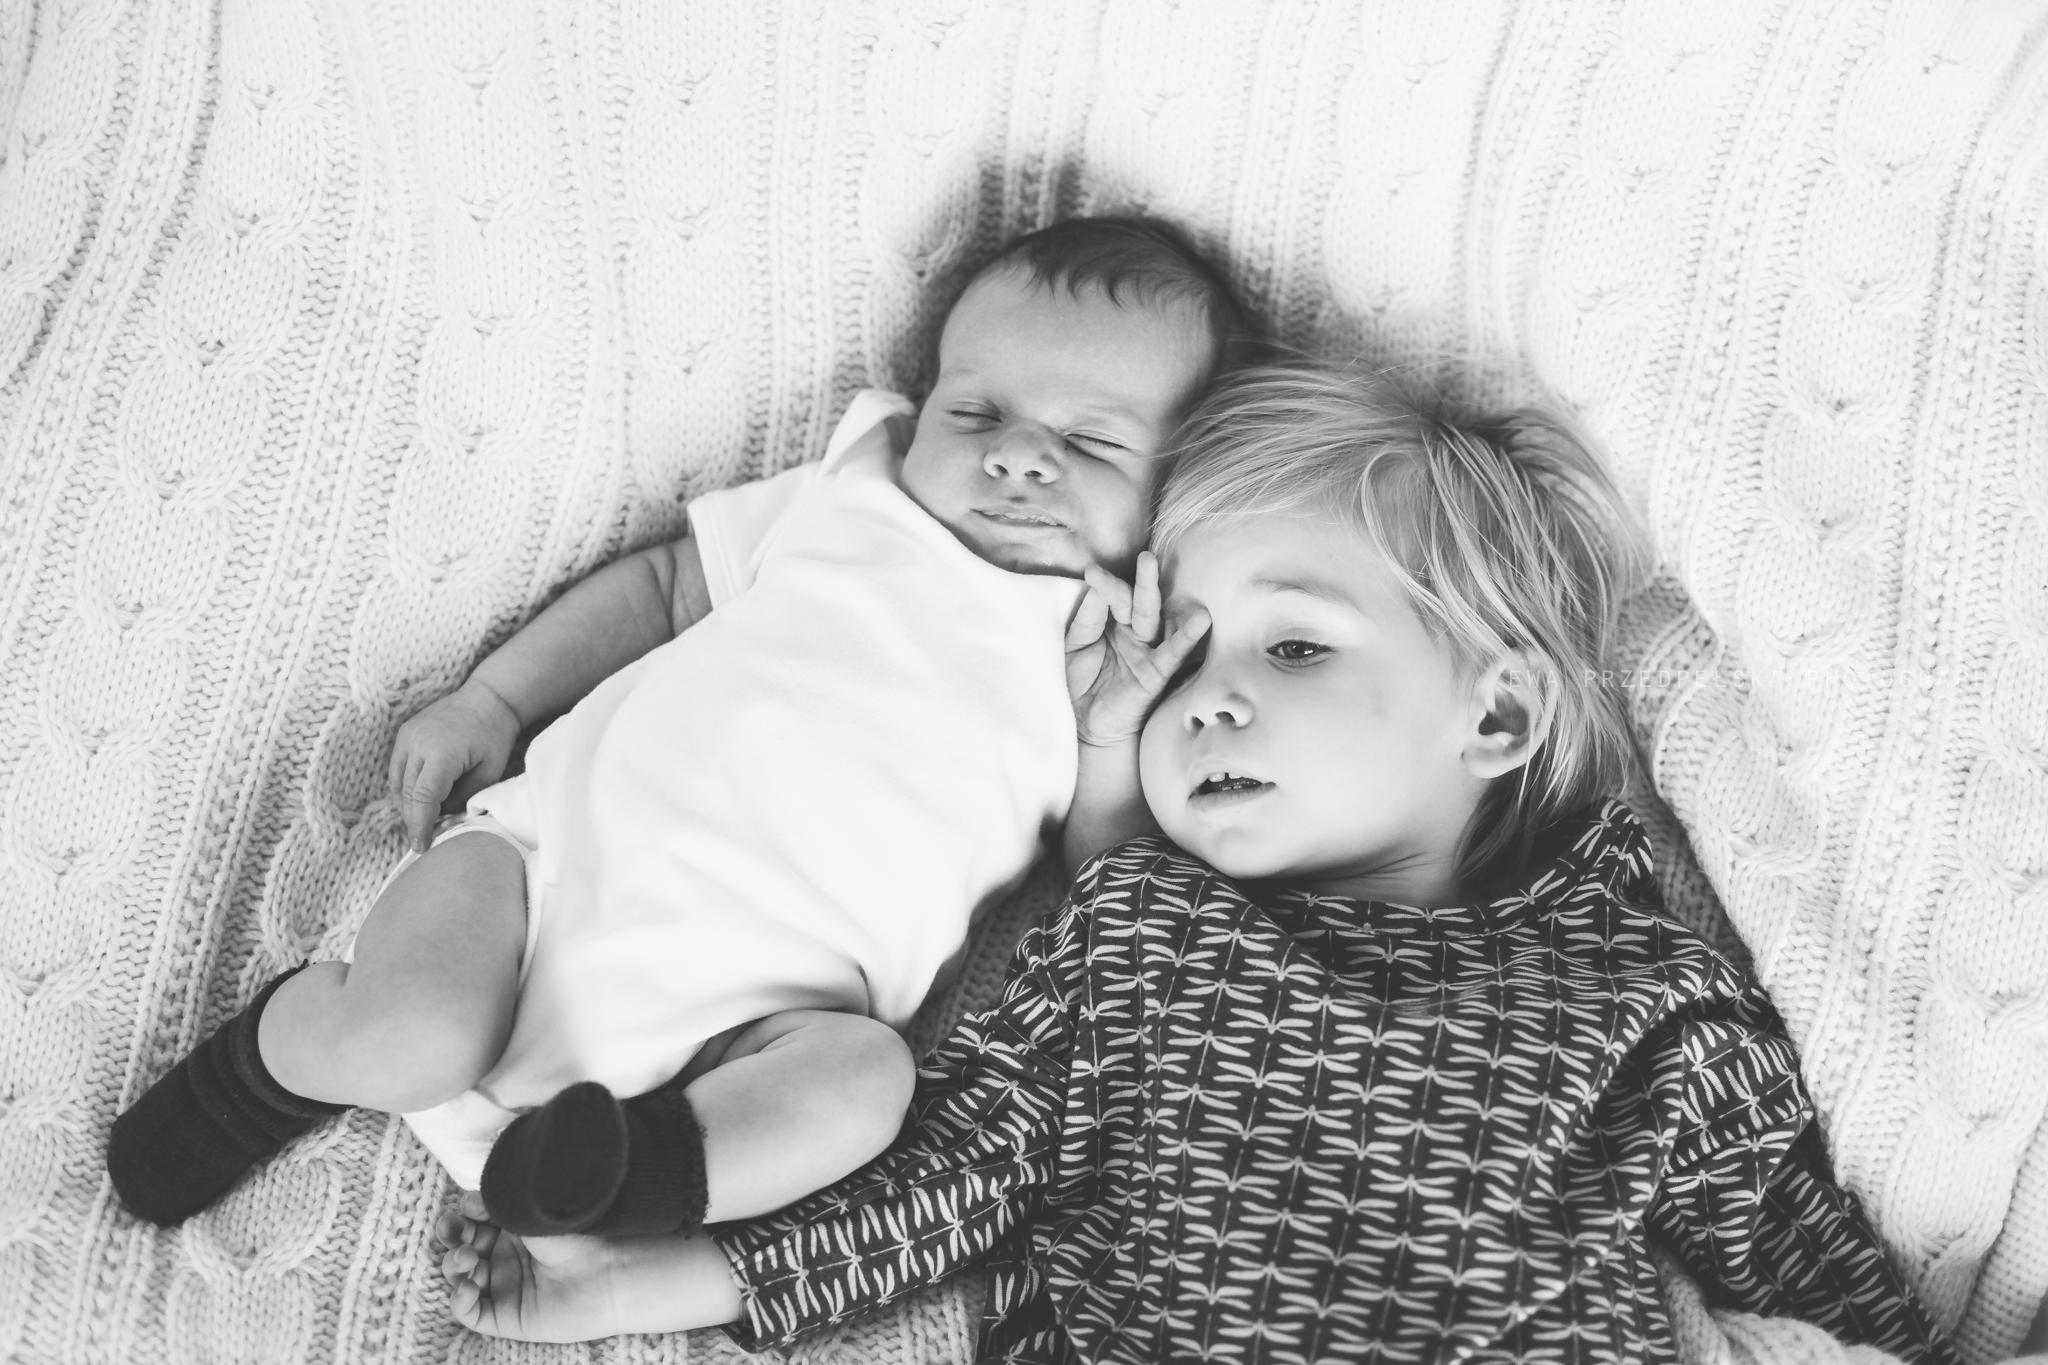 sesja noworodkowa warszawa, fotografia rodzinna warszawa, fotografia rodzinna warszawa, fotografia noworodkowa warszawa, fąfel, ewa przedpełska